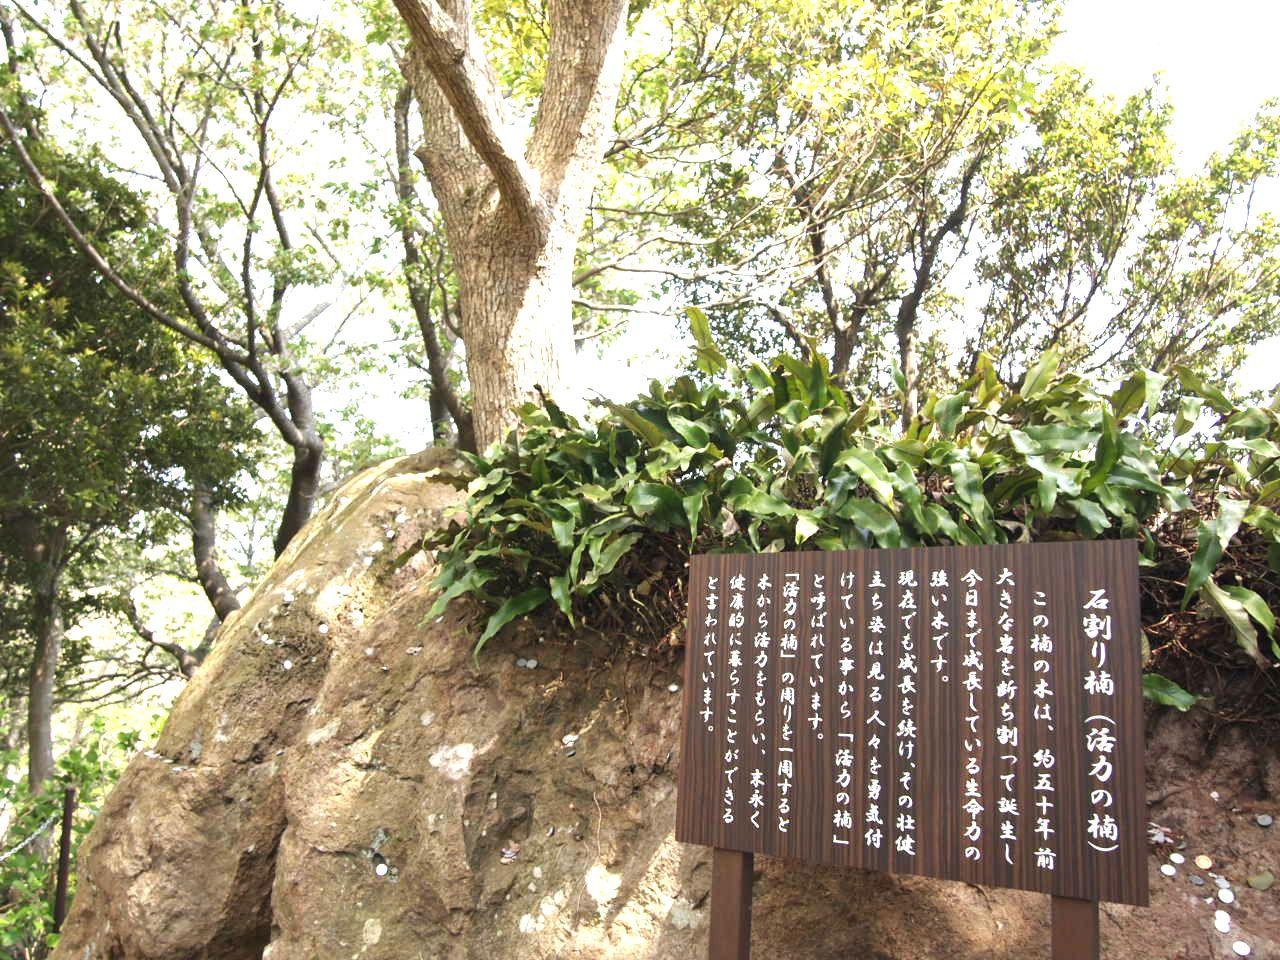 自然のパワーってすごい!石を割って生える木「石割り楠」